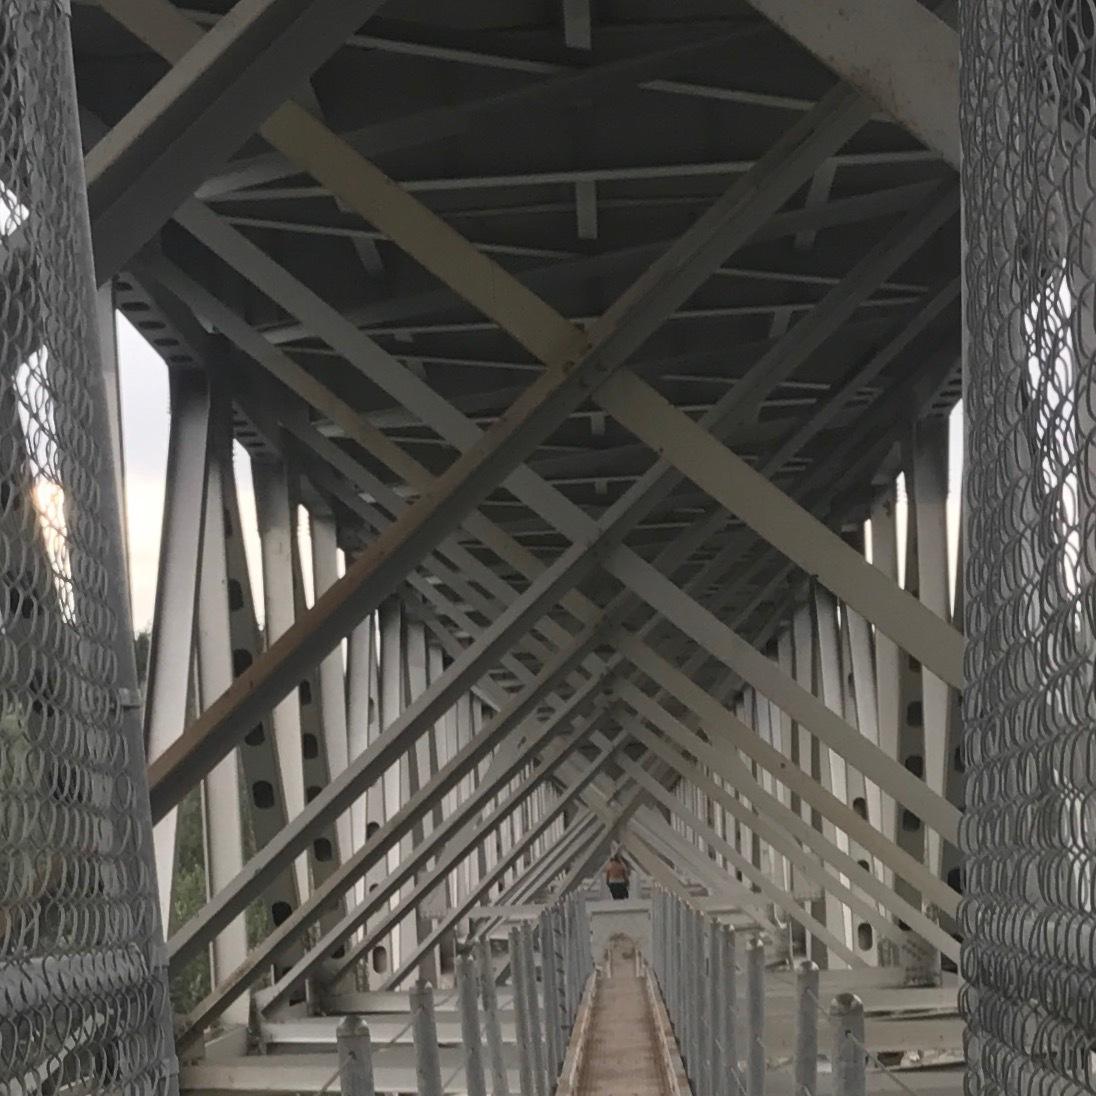 Healy Bridge